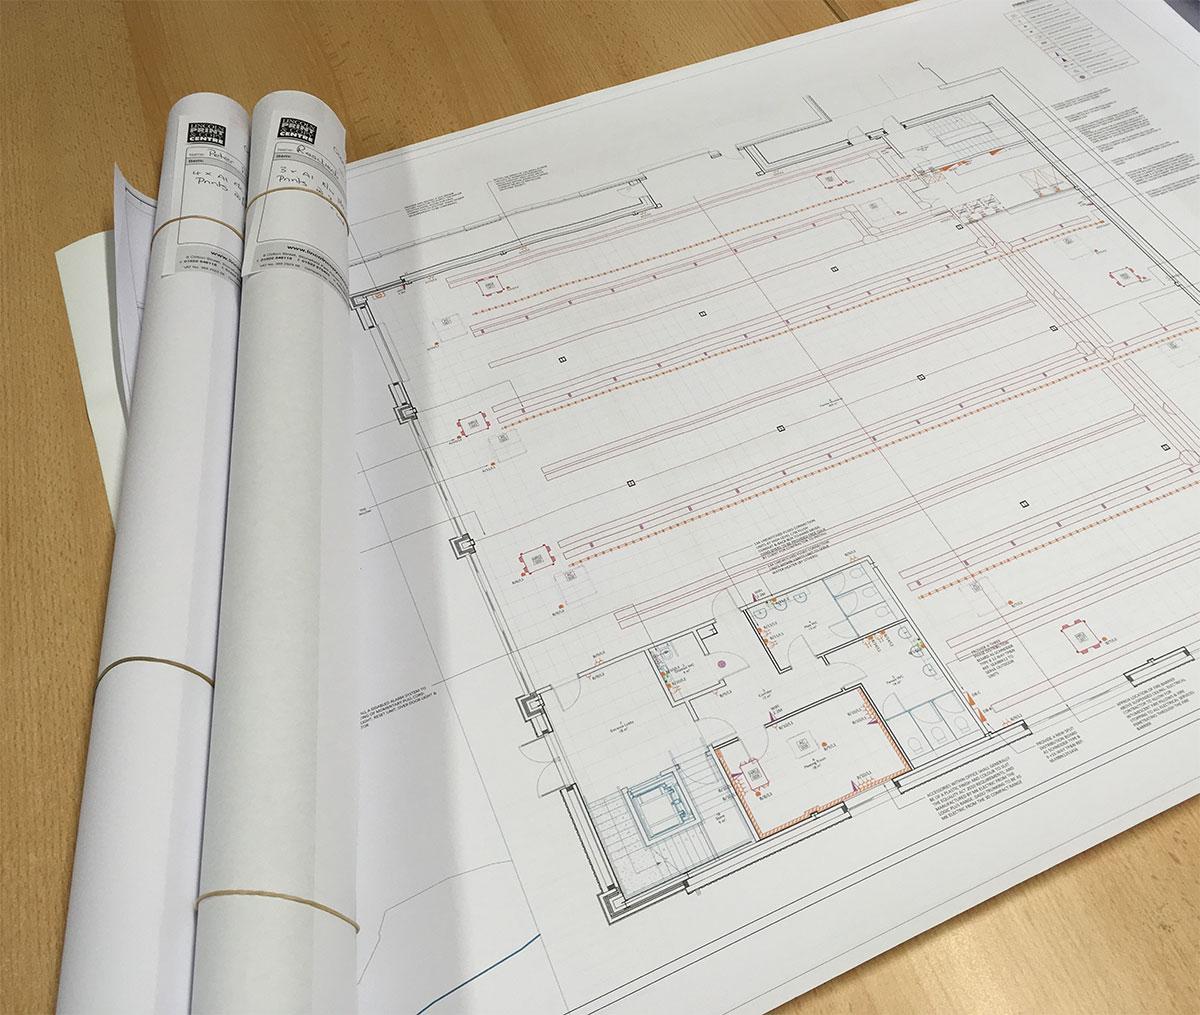 plan_printing_image_1